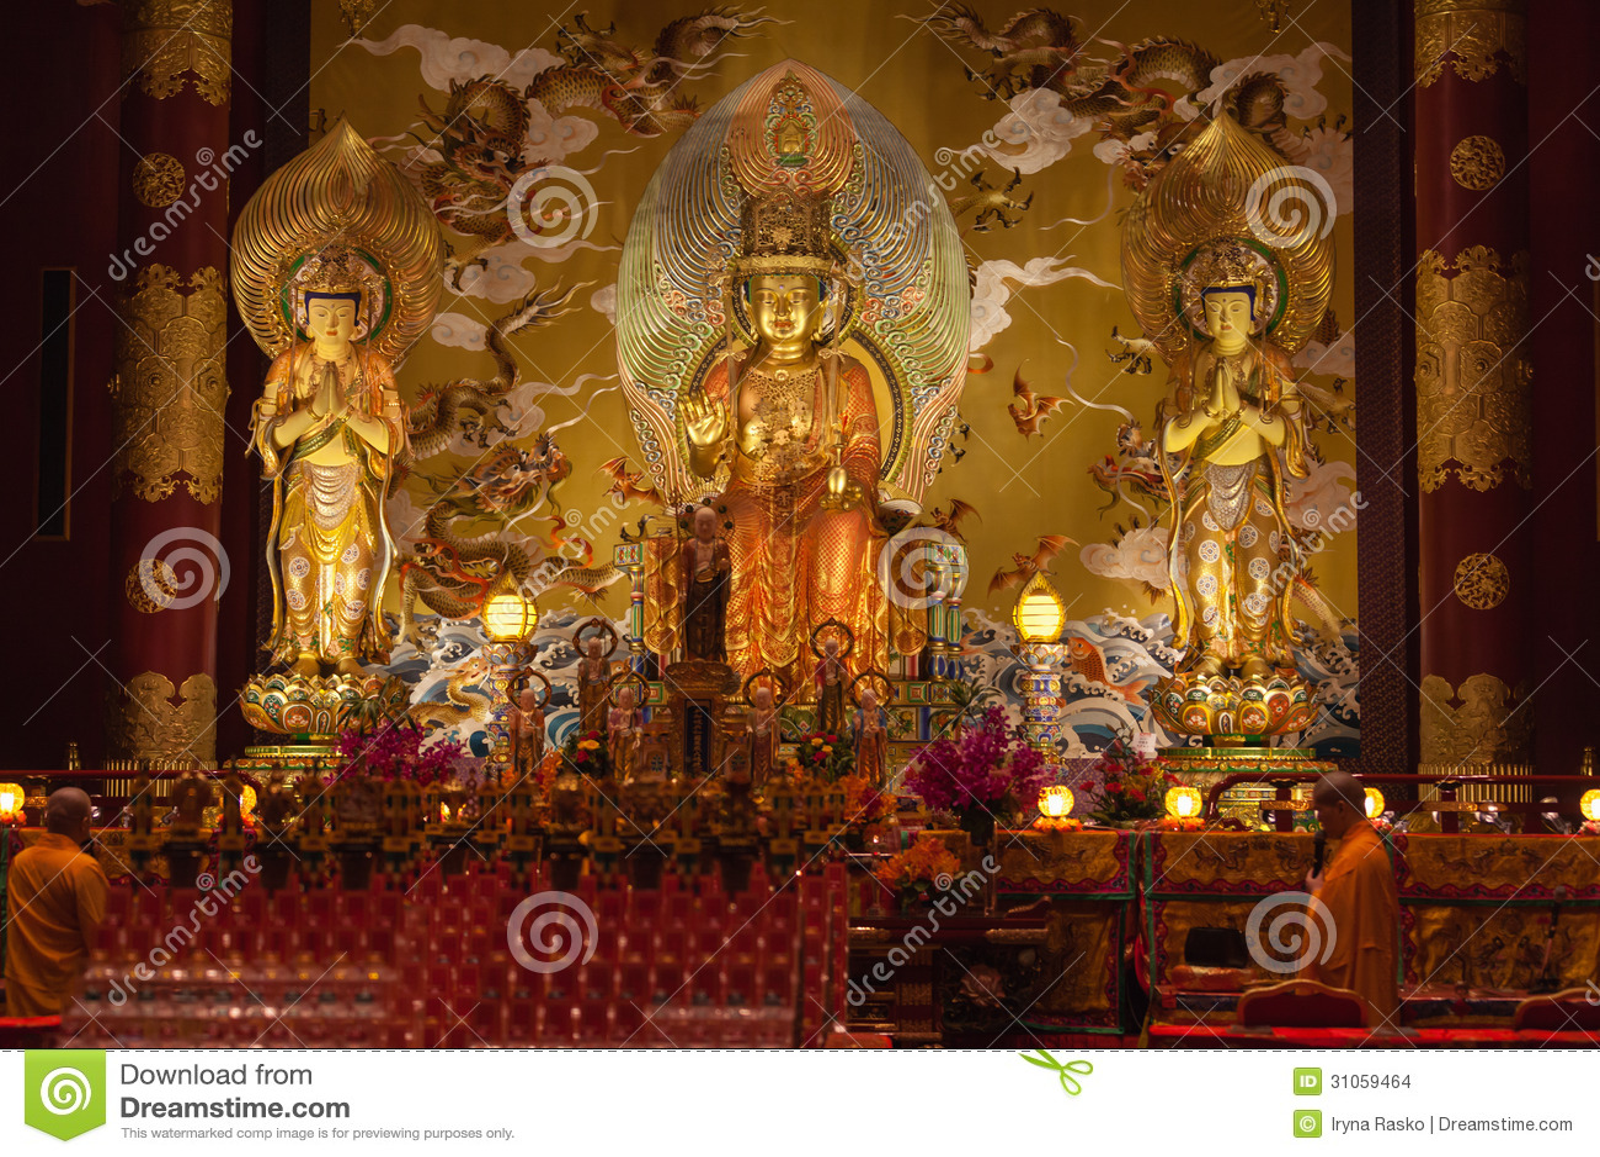 Βούδας στο ναό λειψάνων δοντιών στην πόλη της Κίνας, Σιγκαπούρη